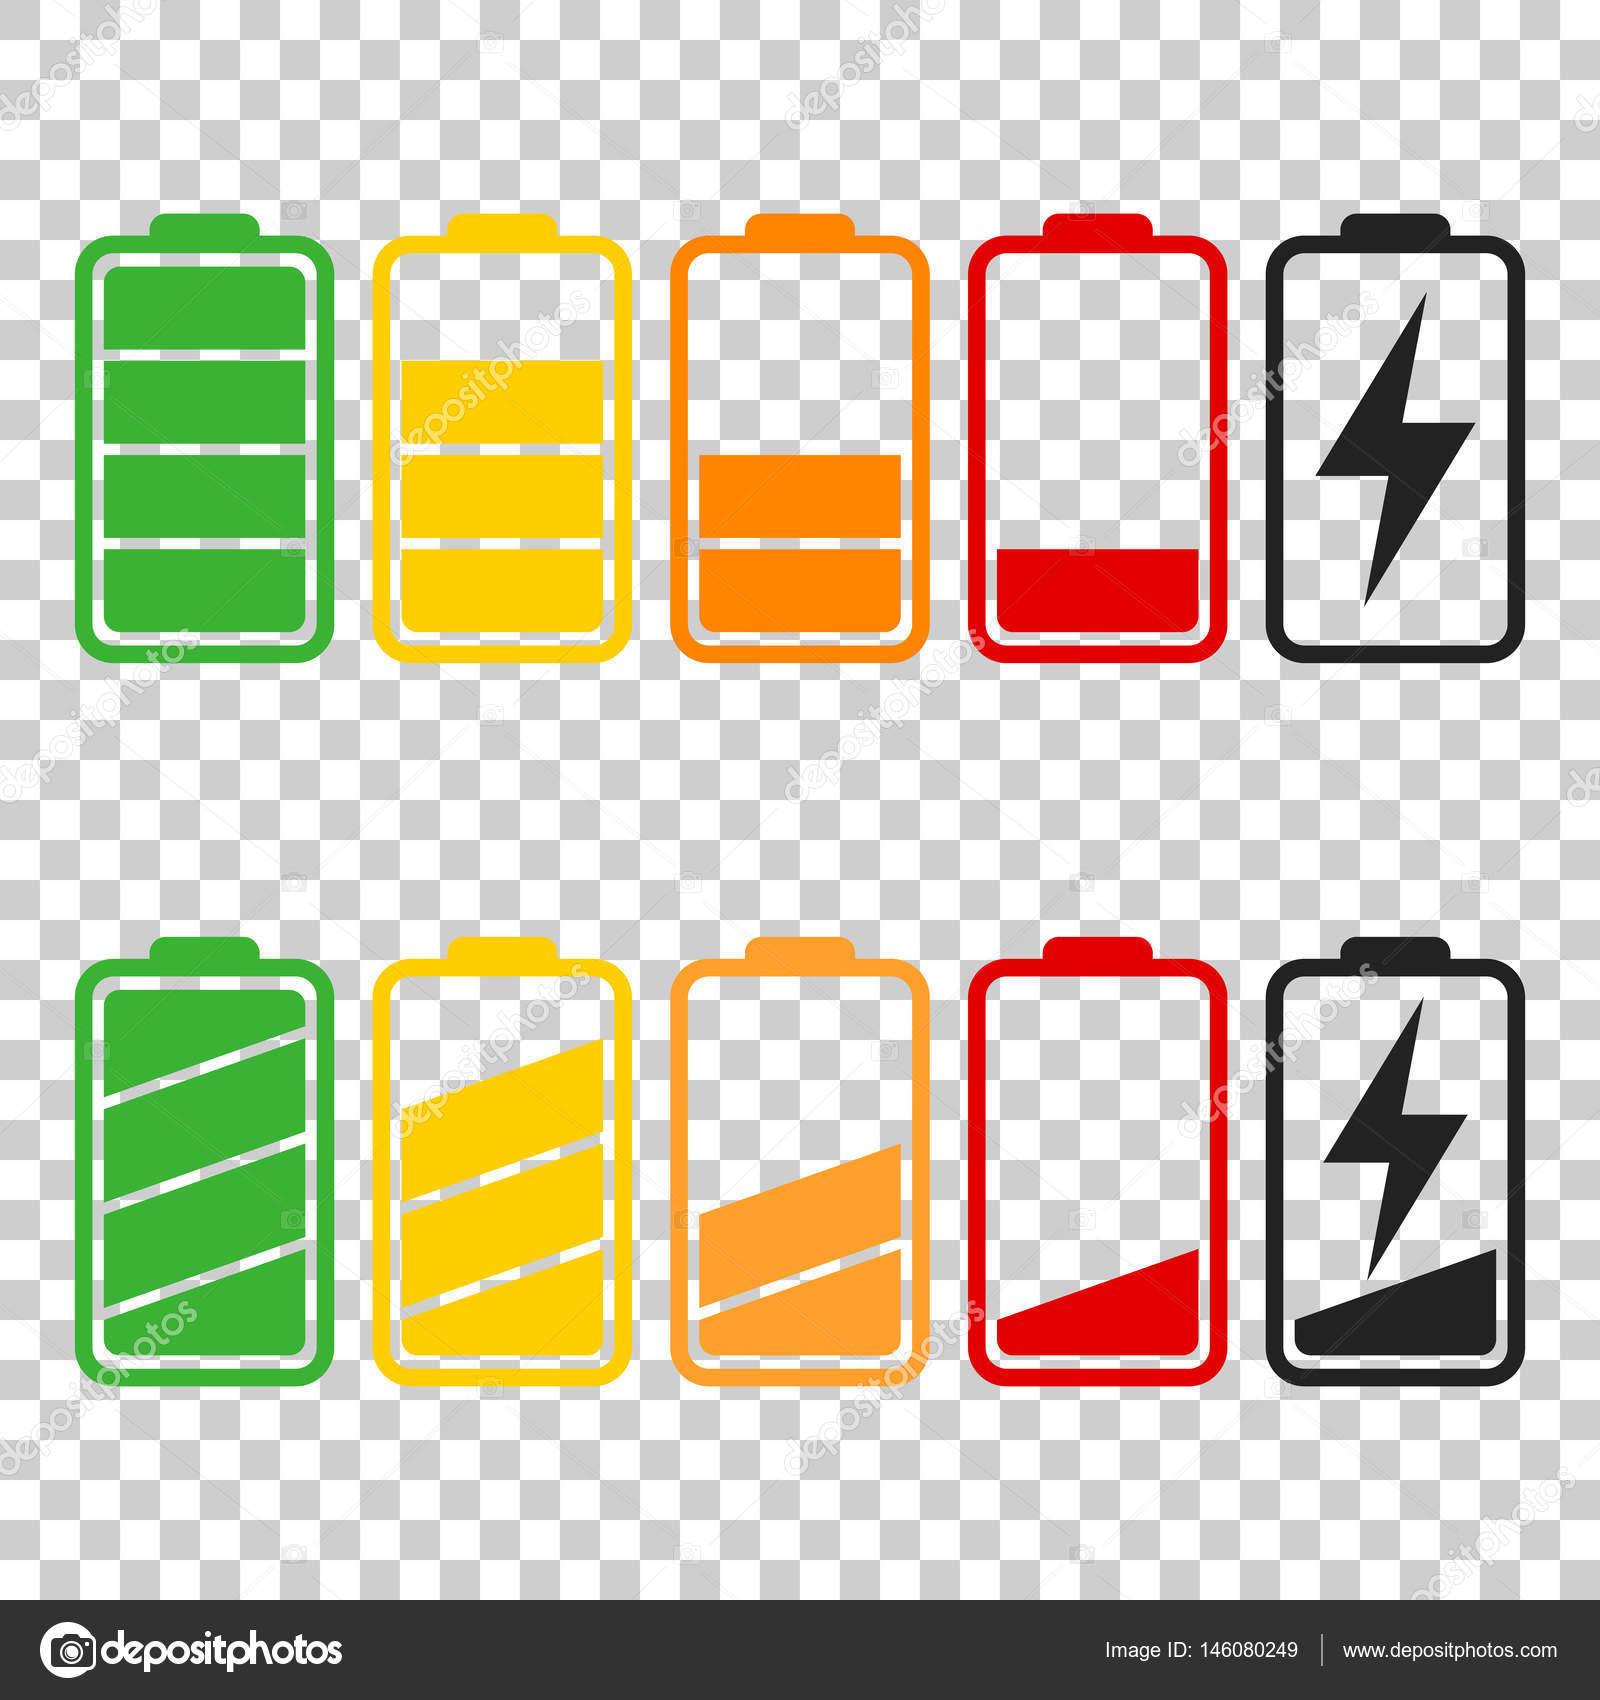 Batterie-Symbol Vektor auf isolierte Hintergrund gesetzt. Symbole ...